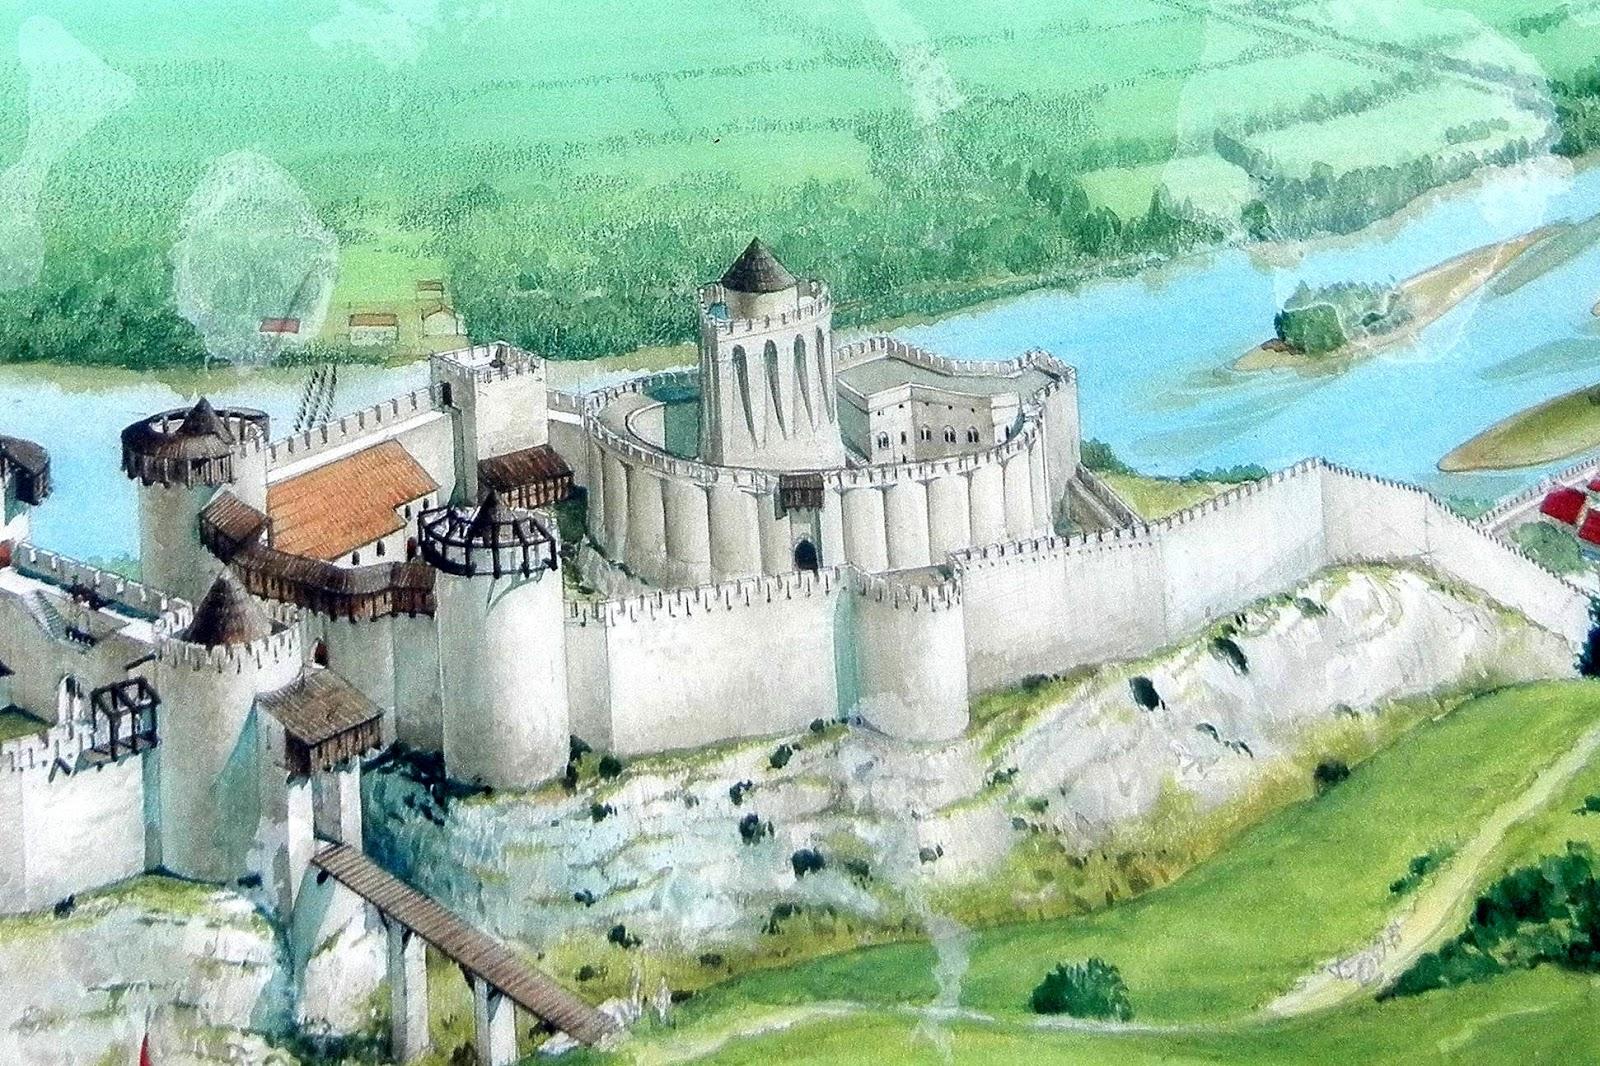 Résultats de recherche d'images pour «chateau gaillard»